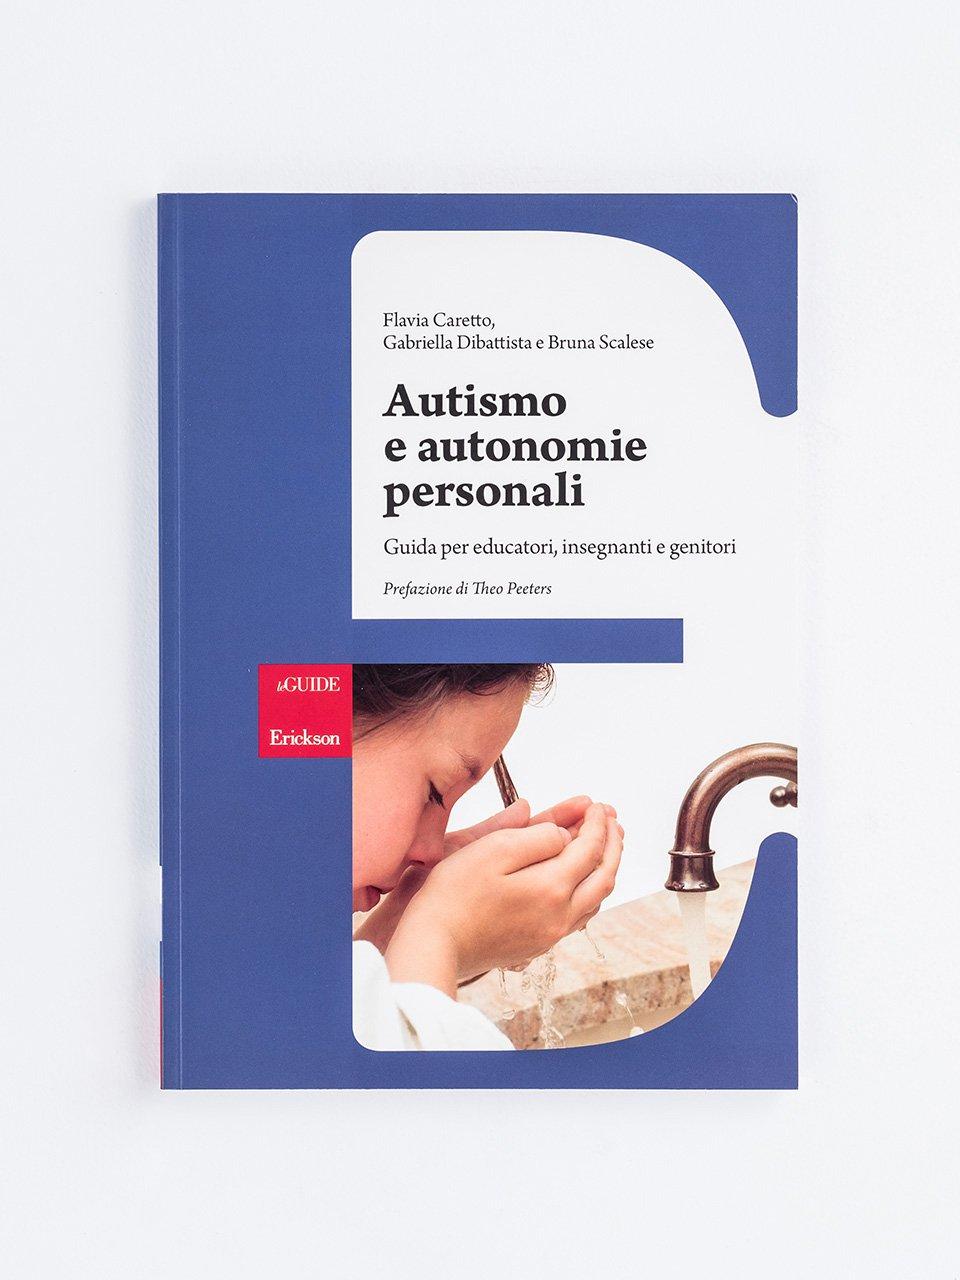 Autismo e autonomie personali - Il nostro autismo quotidiano - Libri - Erickson